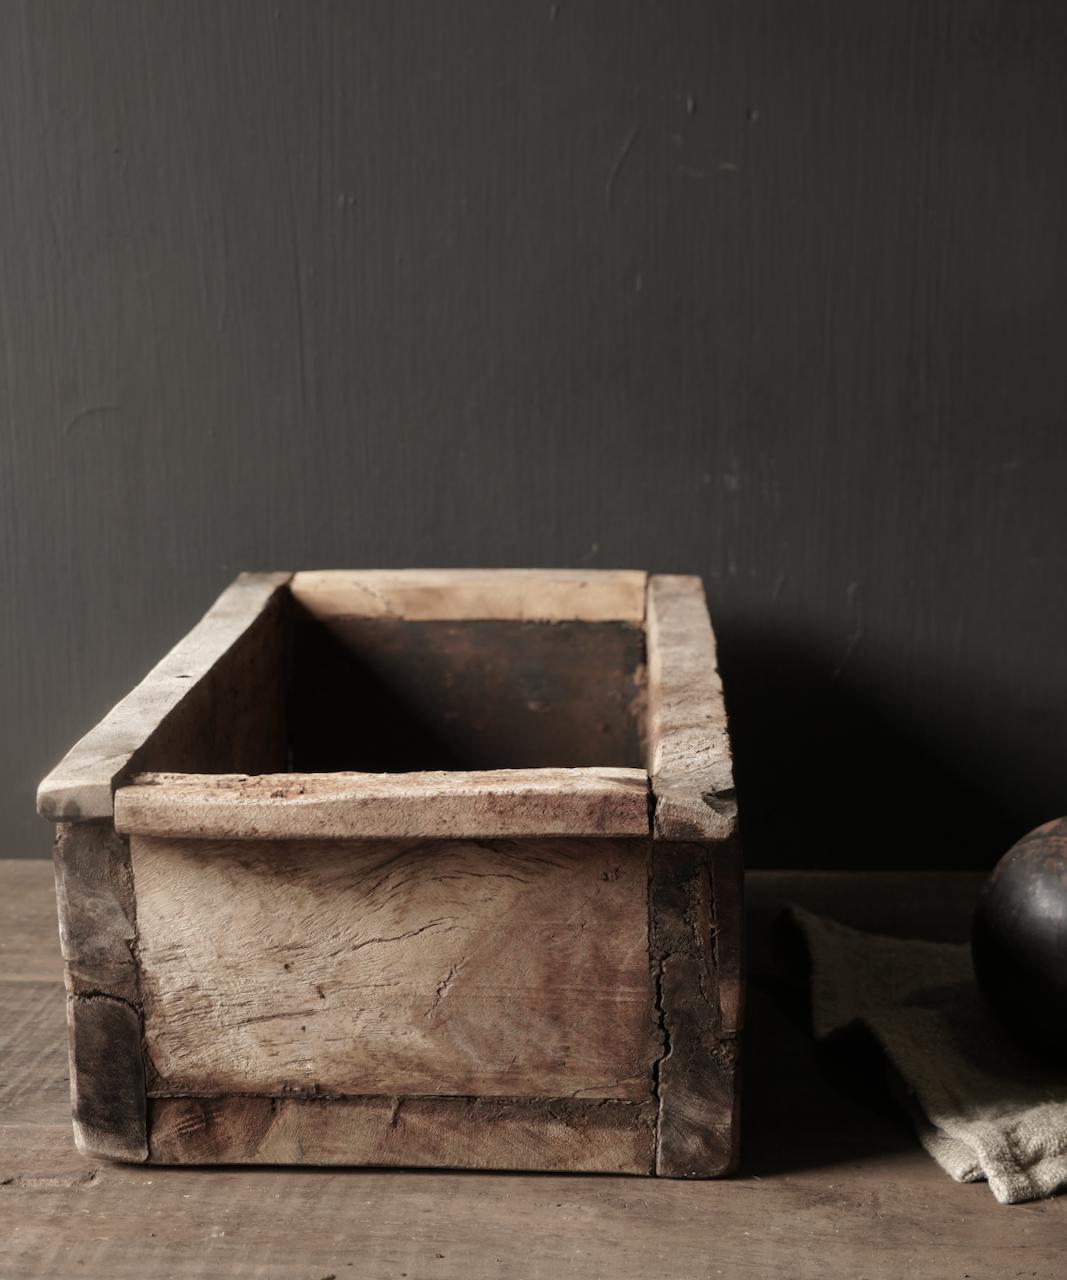 houten bak gemaakt van oud hout-2